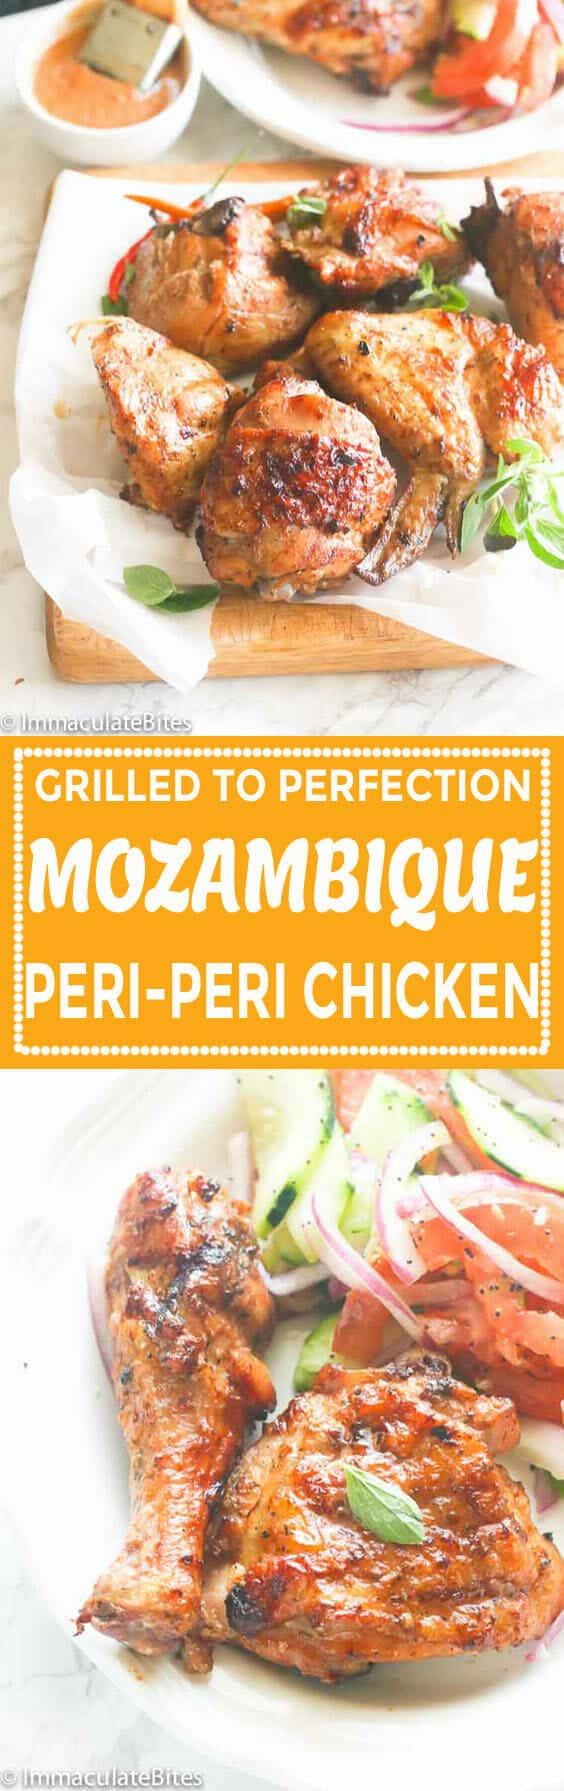 Mozambique Peri Peri Grill Chicken